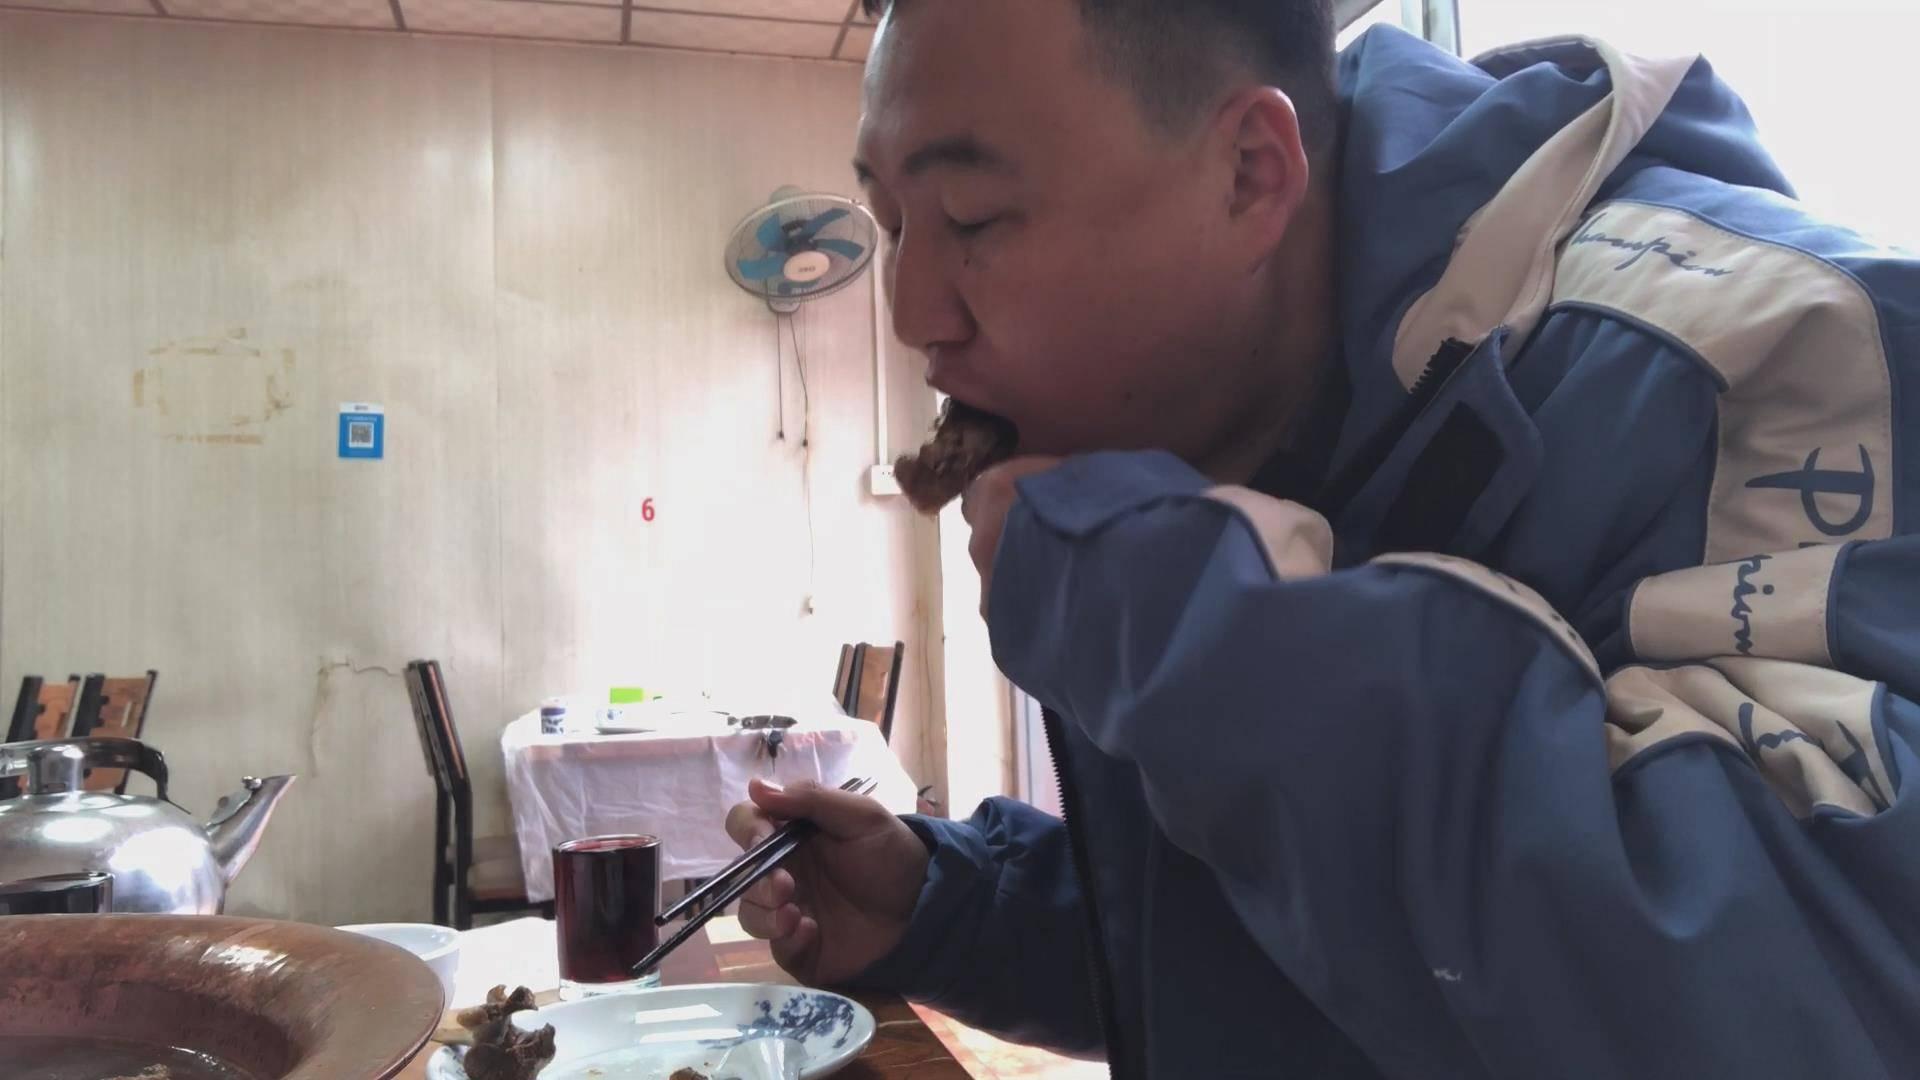 北京下雪、朋友到访,一起吃个温暖的羊蝎子、真好、happy